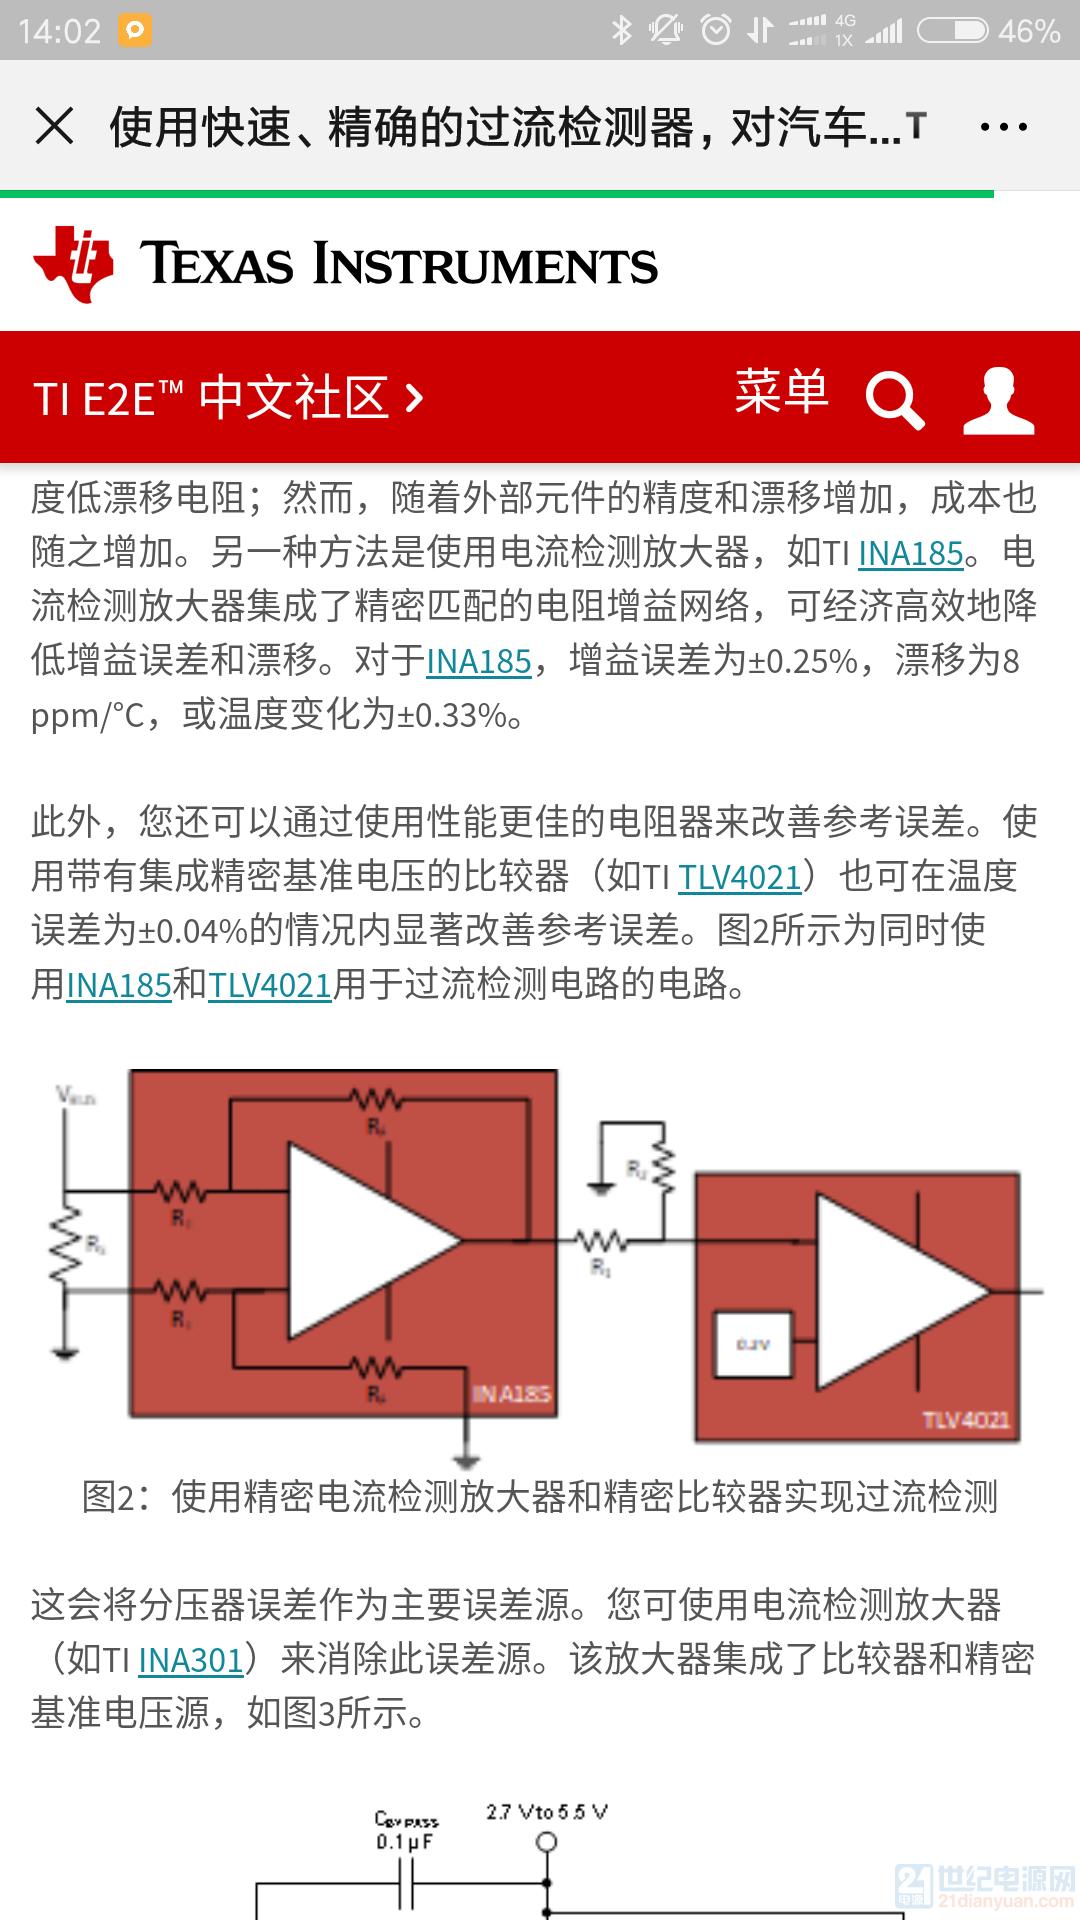 Screenshot_2019-11-01-14-02-50-479_com.tencent.mm.png